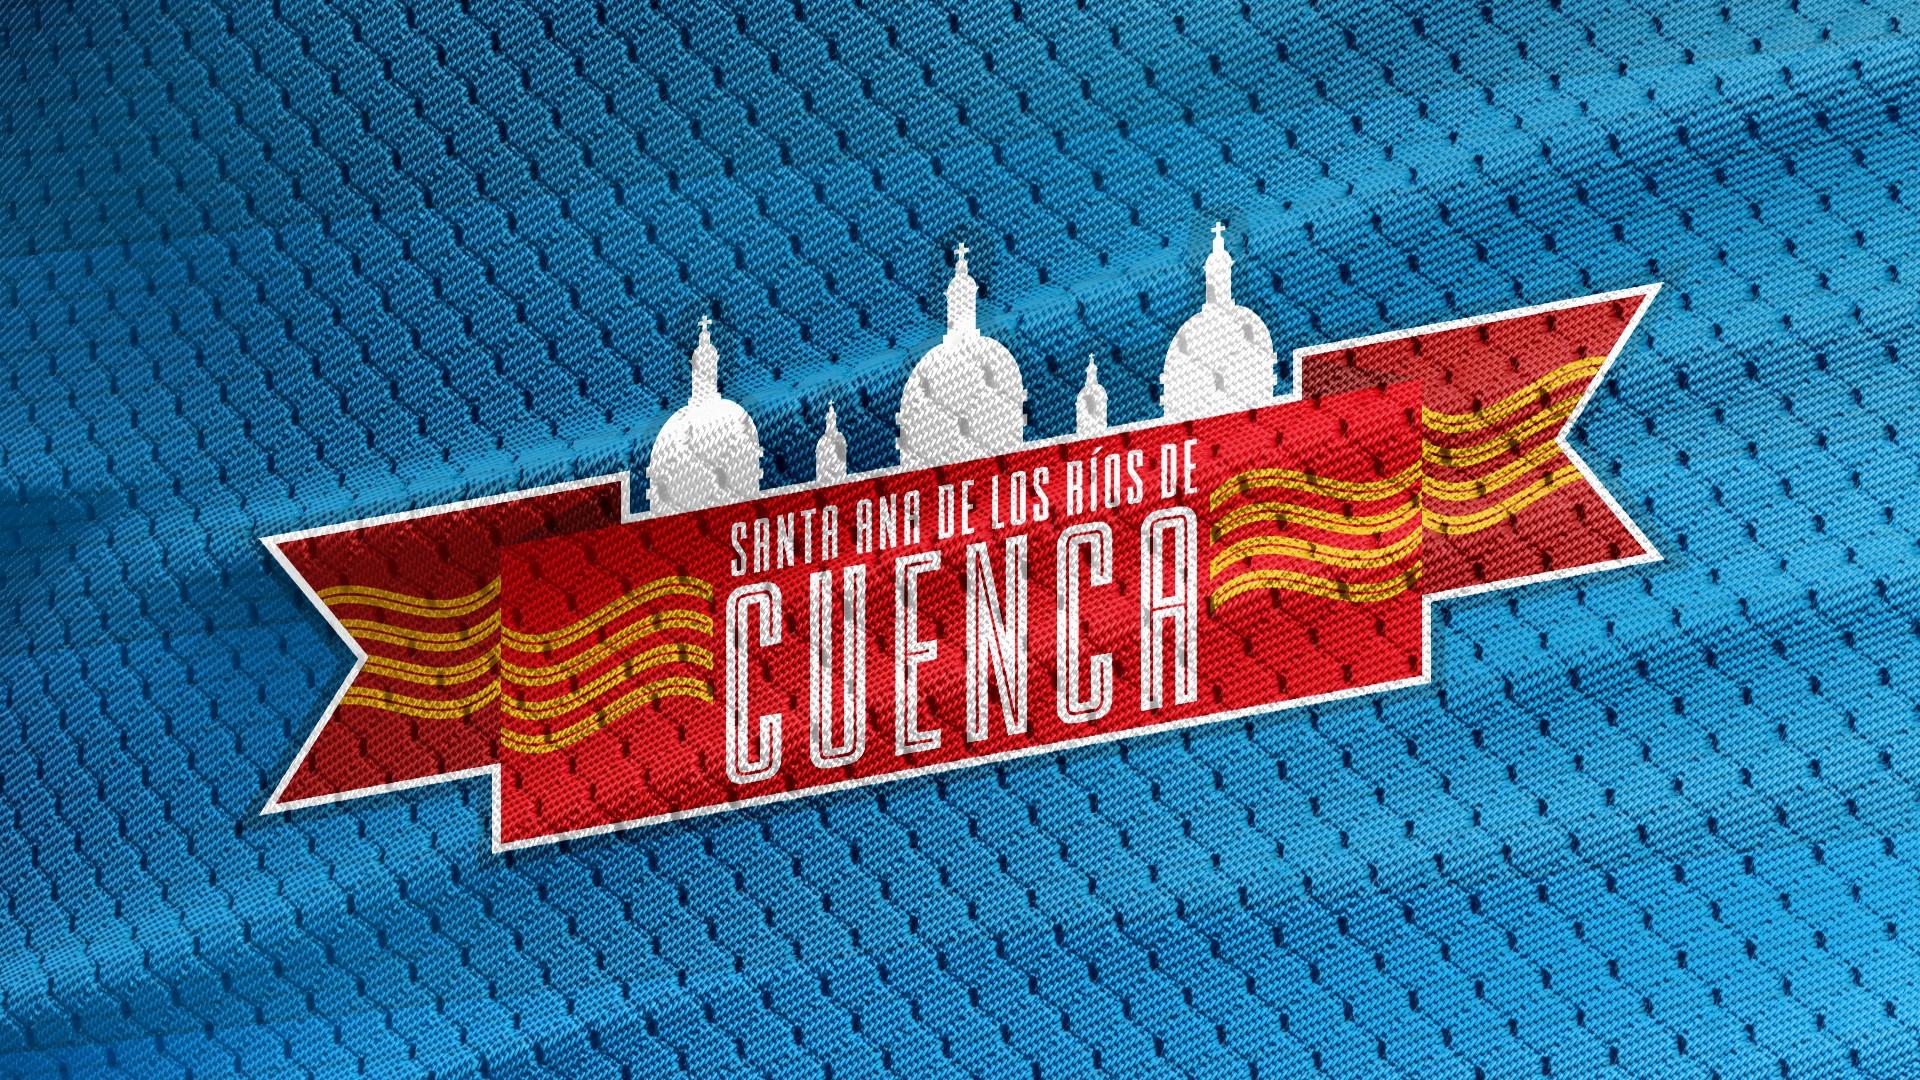 Calendario Abril 2019 Images Png Más Arriba-a-fecha Deportivo Cuenca Uniformes 2018 Club Deportivocuenca Of Calendario Abril 2019 Images Png Mejores Y Más Novedosos Ops Oms Perº Inicio